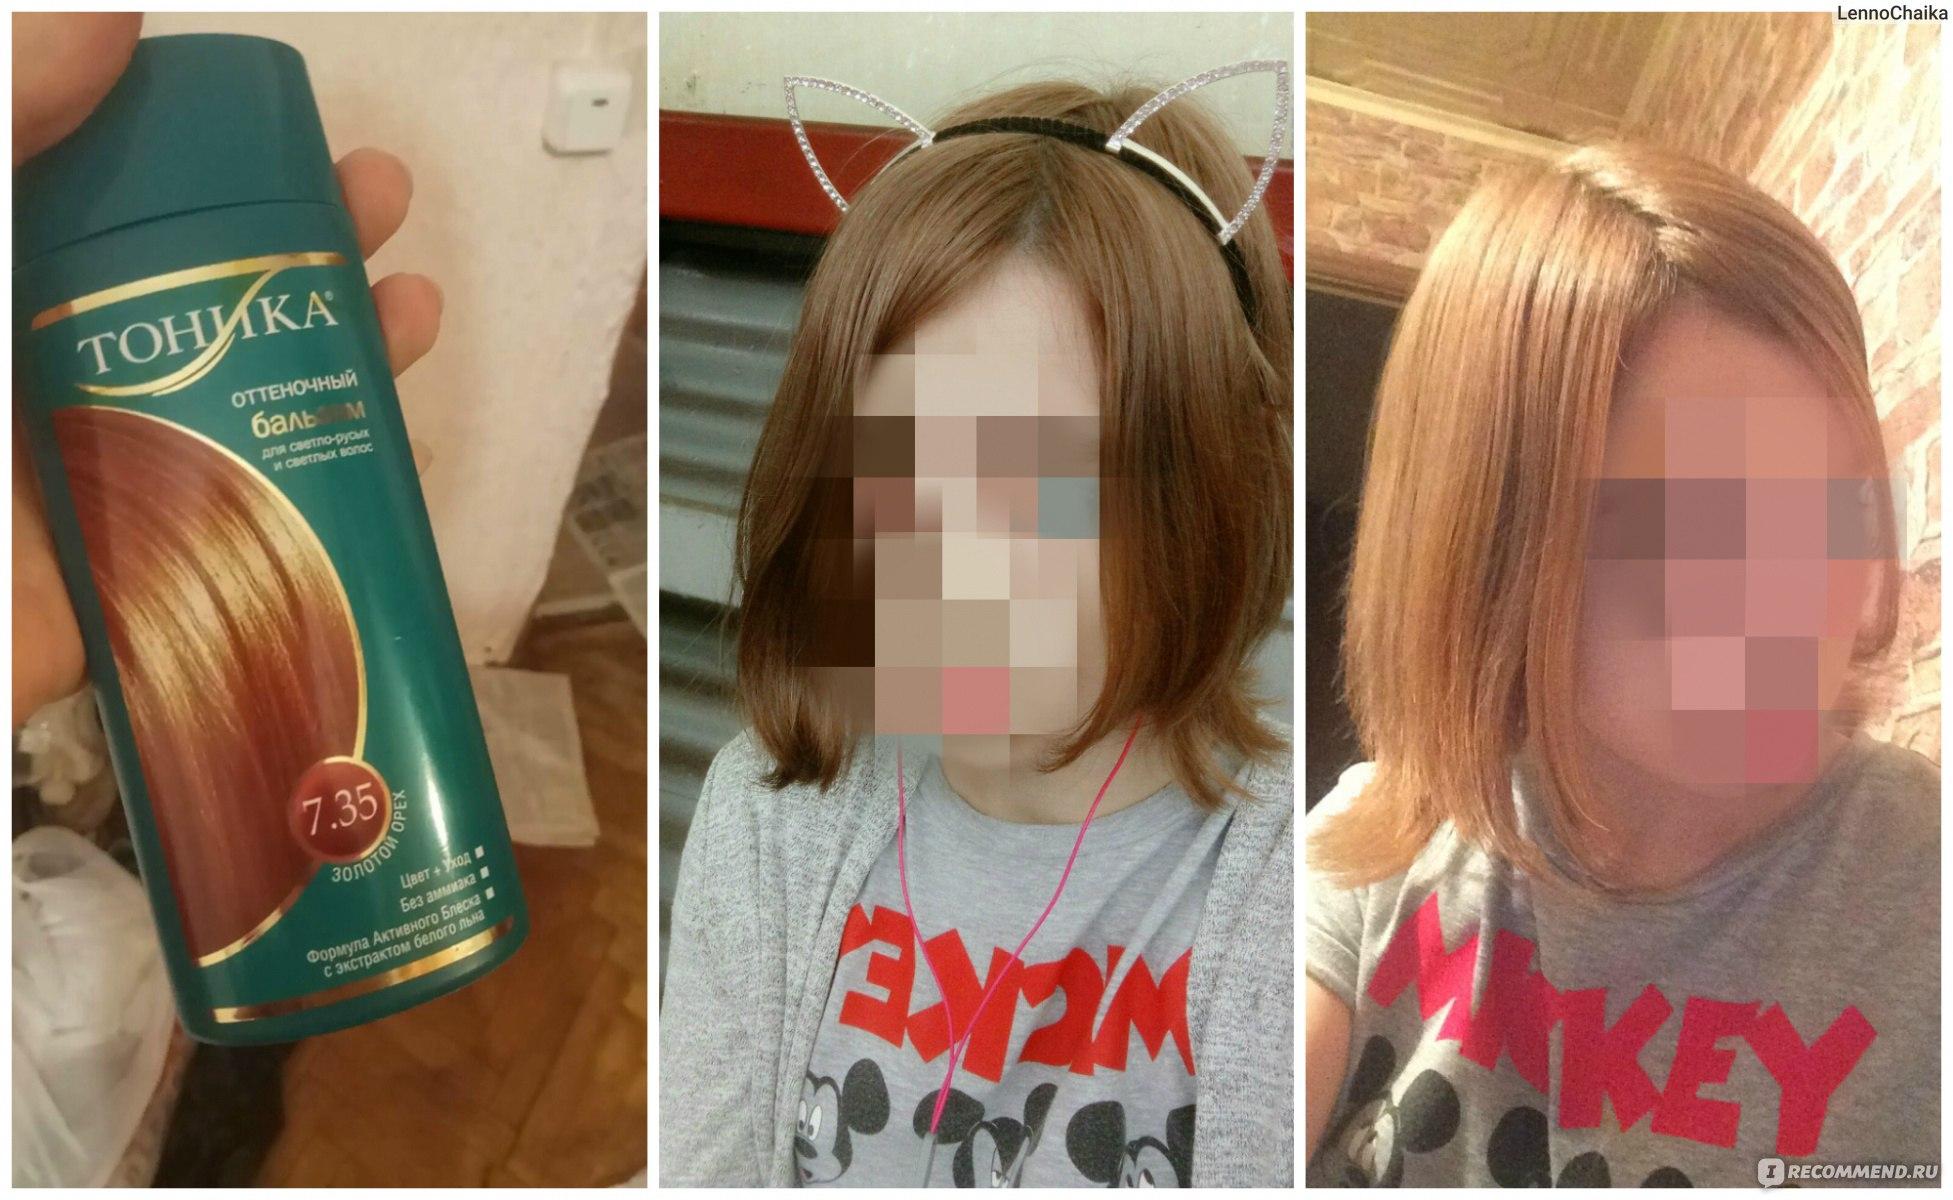 Оттеночный бальзам палитра цветов фото до и после